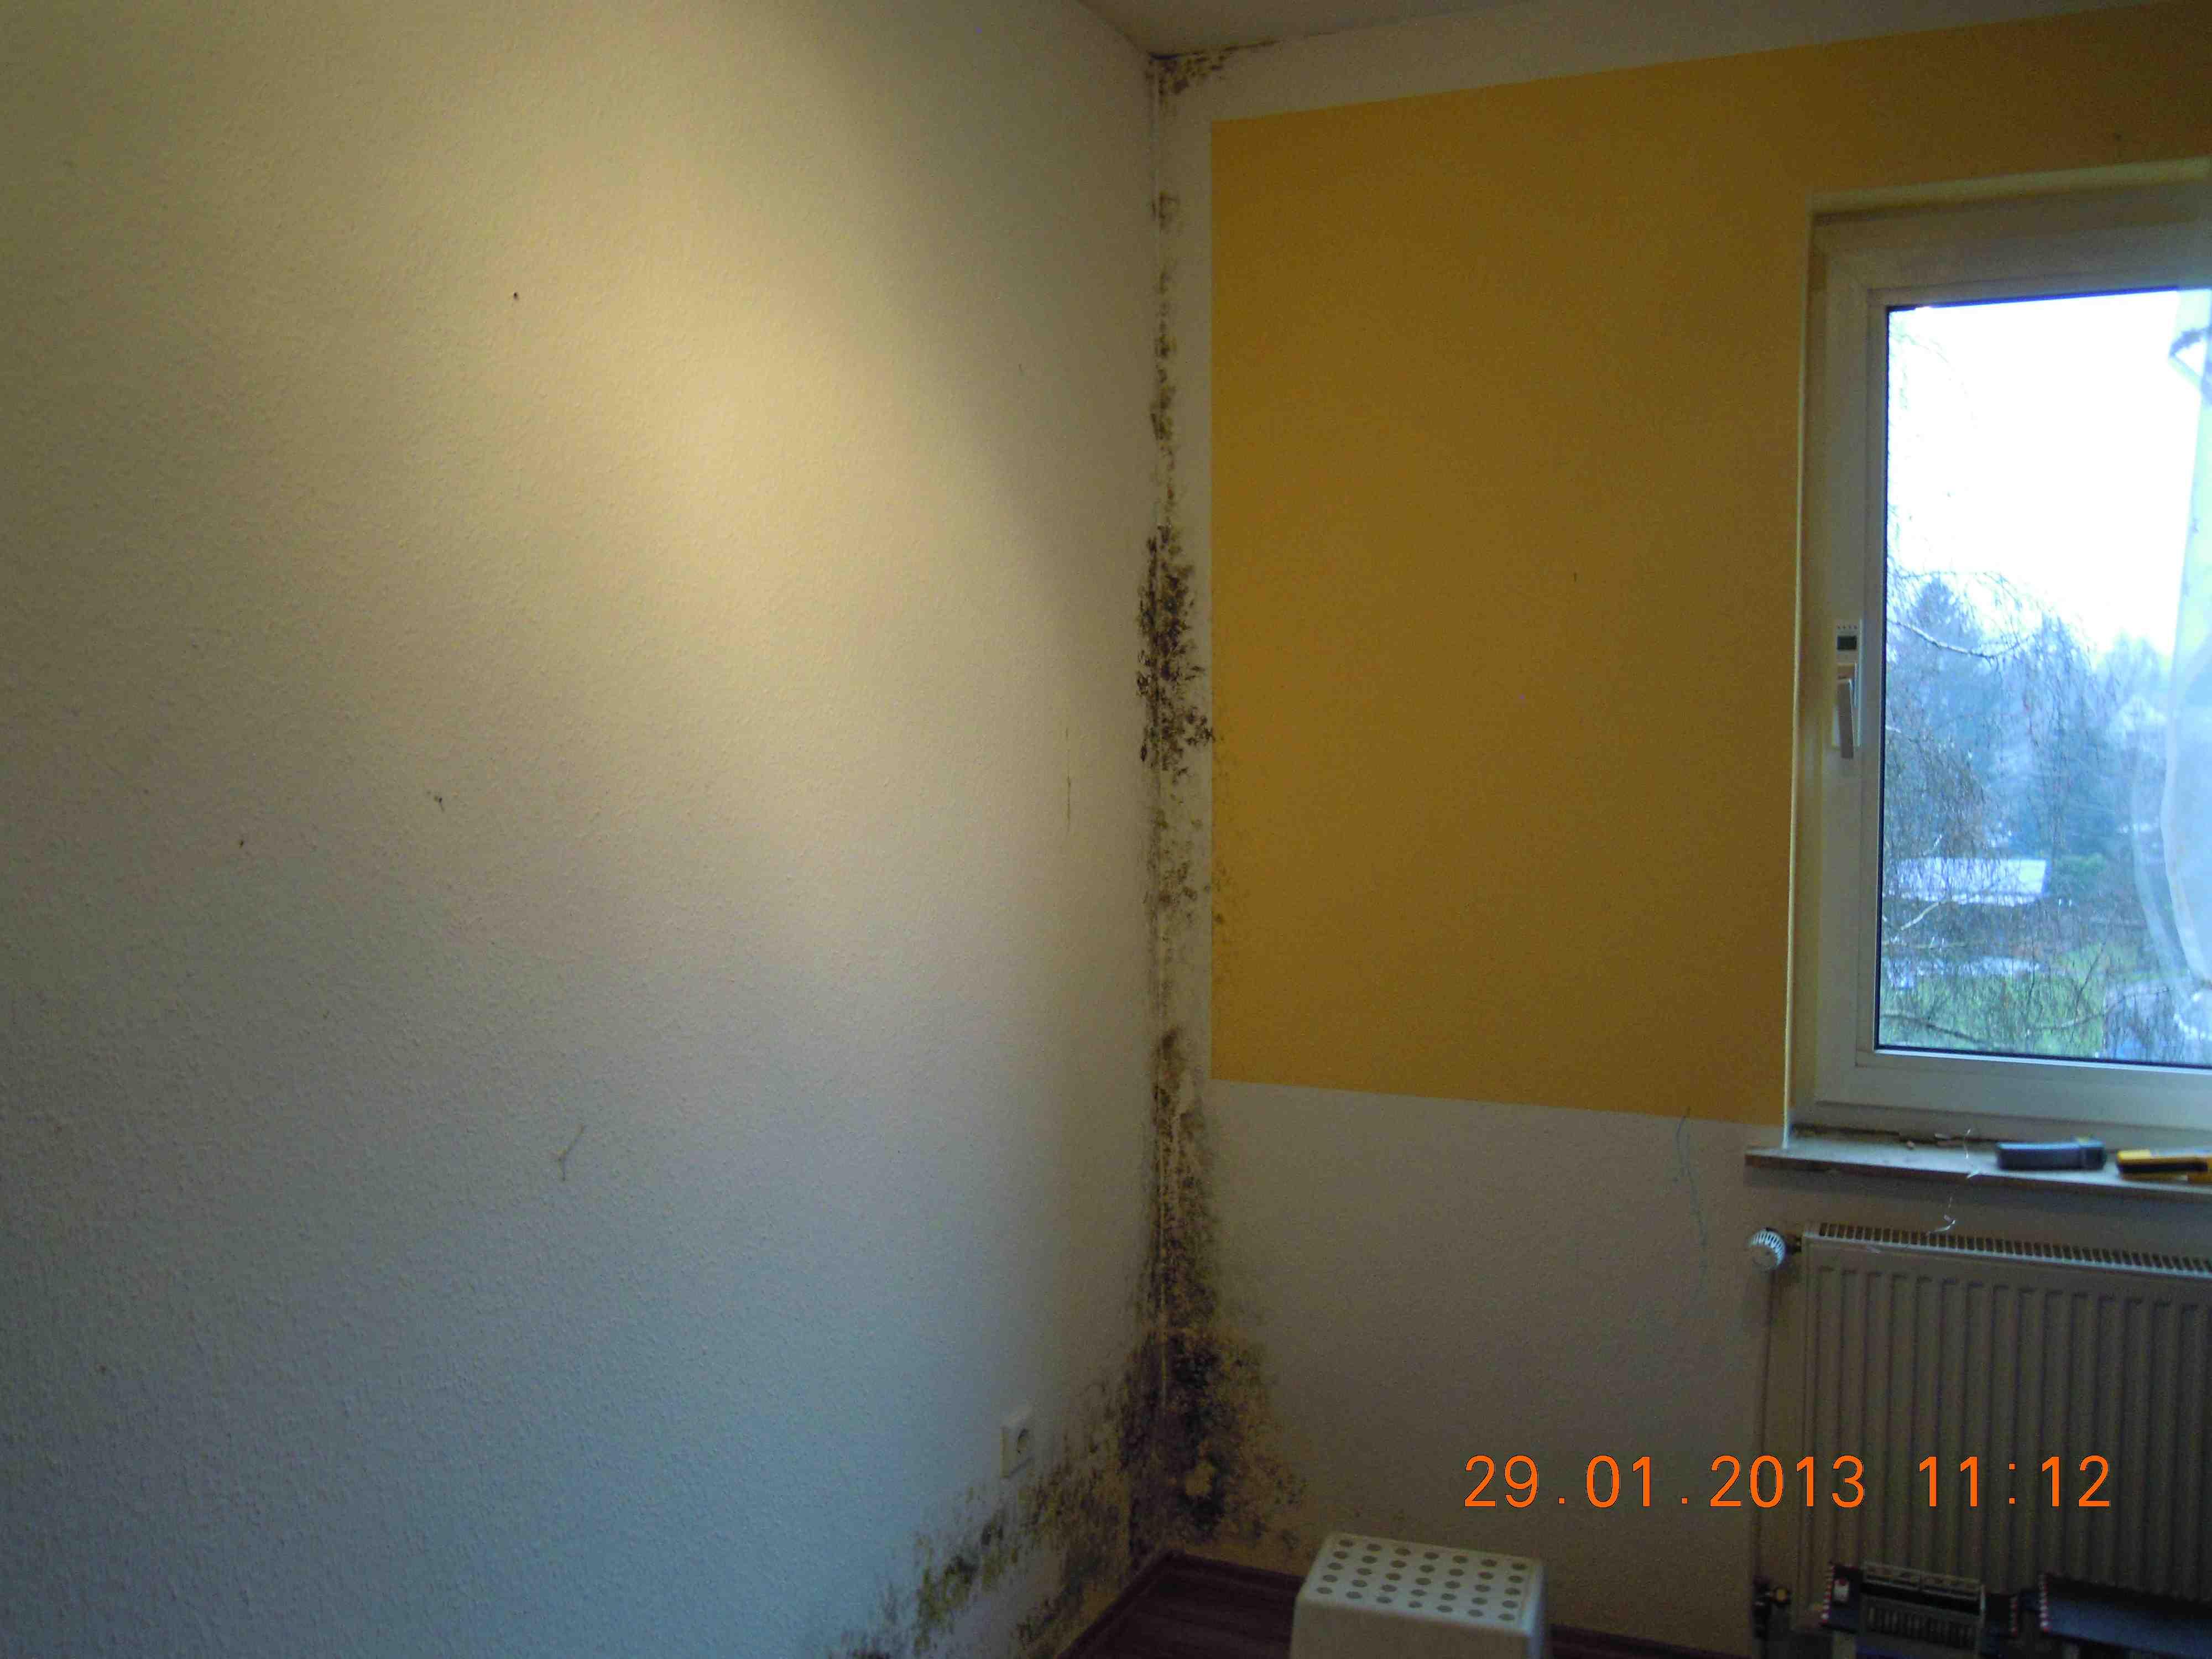 likwidacja pleśni na ścianie w mieszkaniu